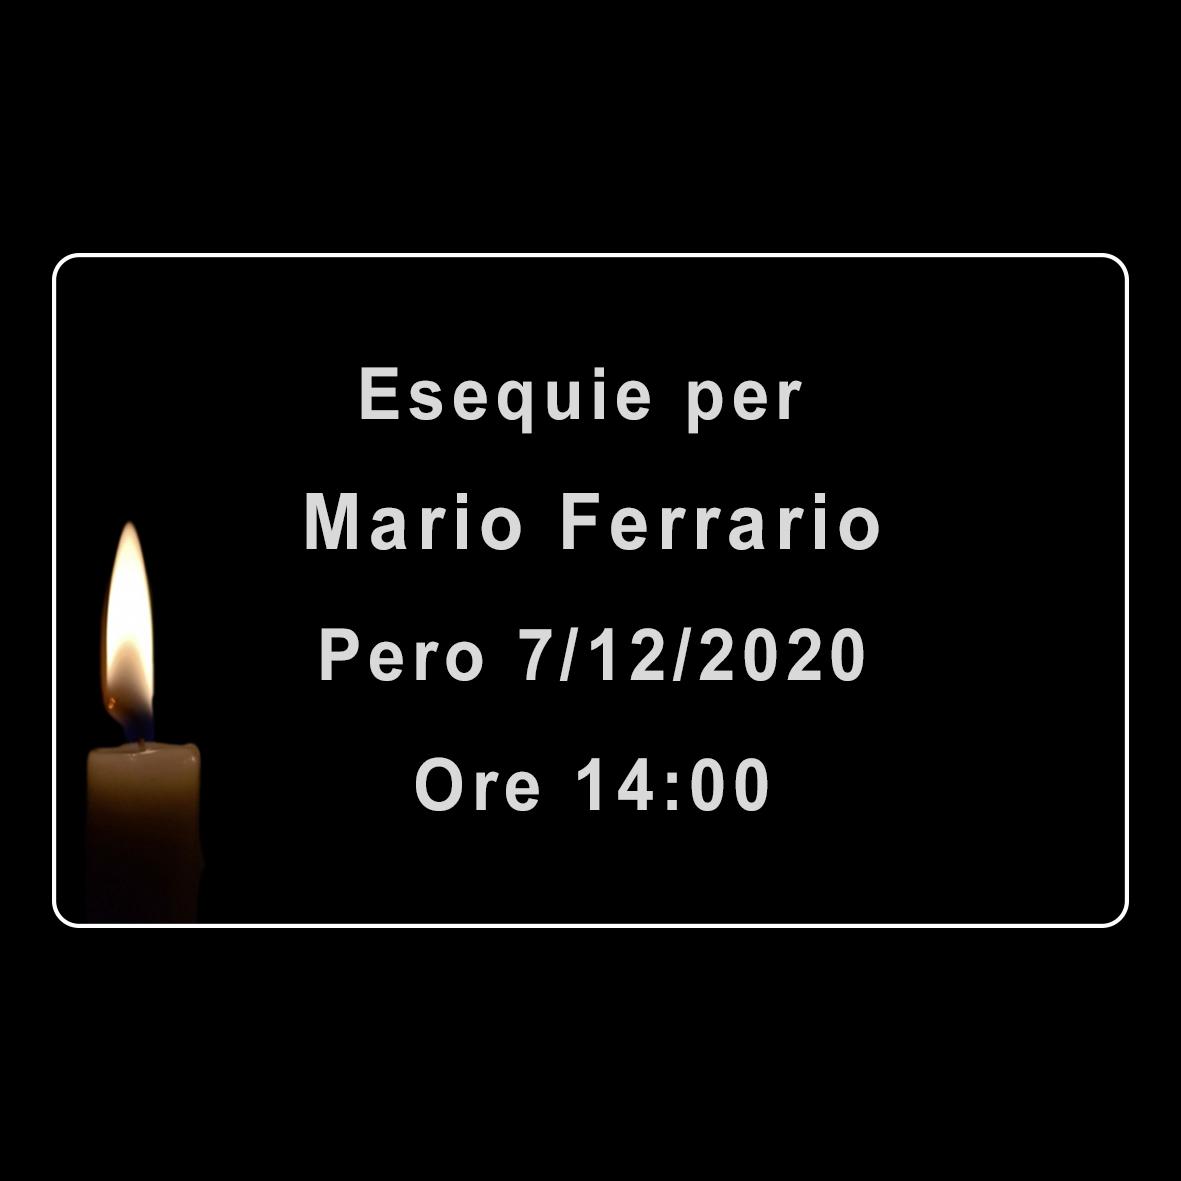 Esequie per Mario Ferrario